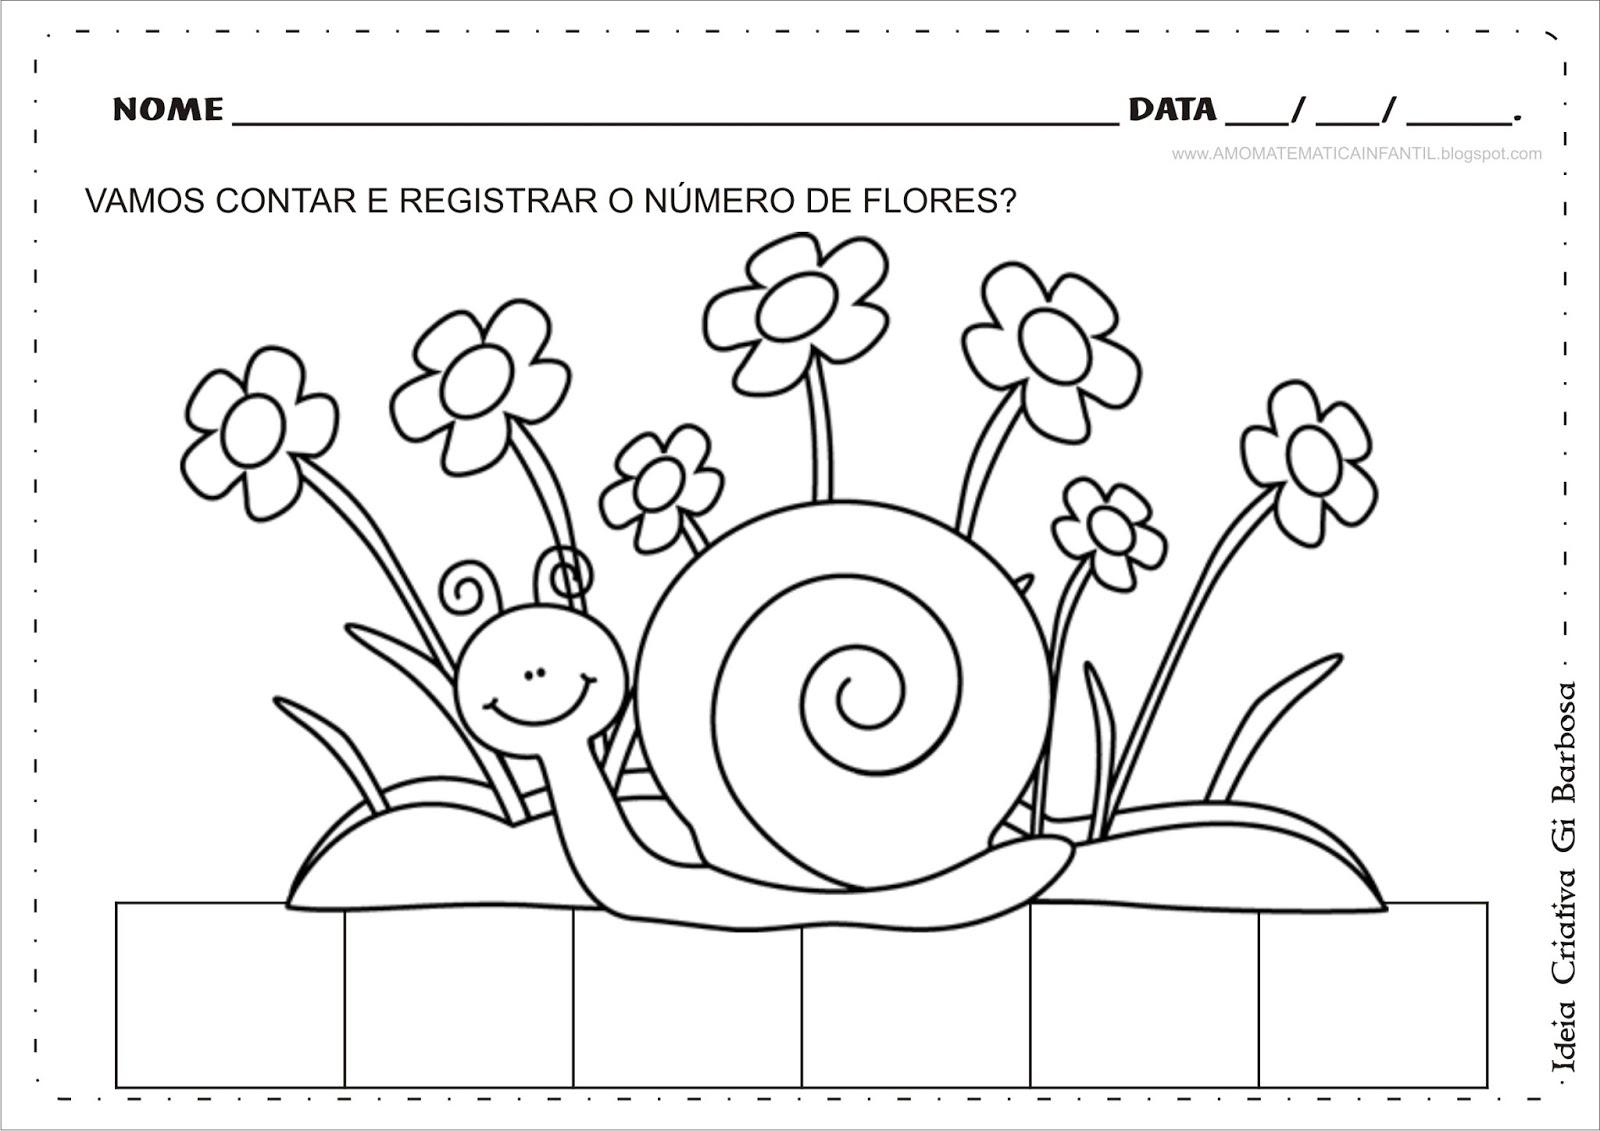 Excepcional Matemática Infantil: Atividade Matemática Animais de Jardim Caracol GN97